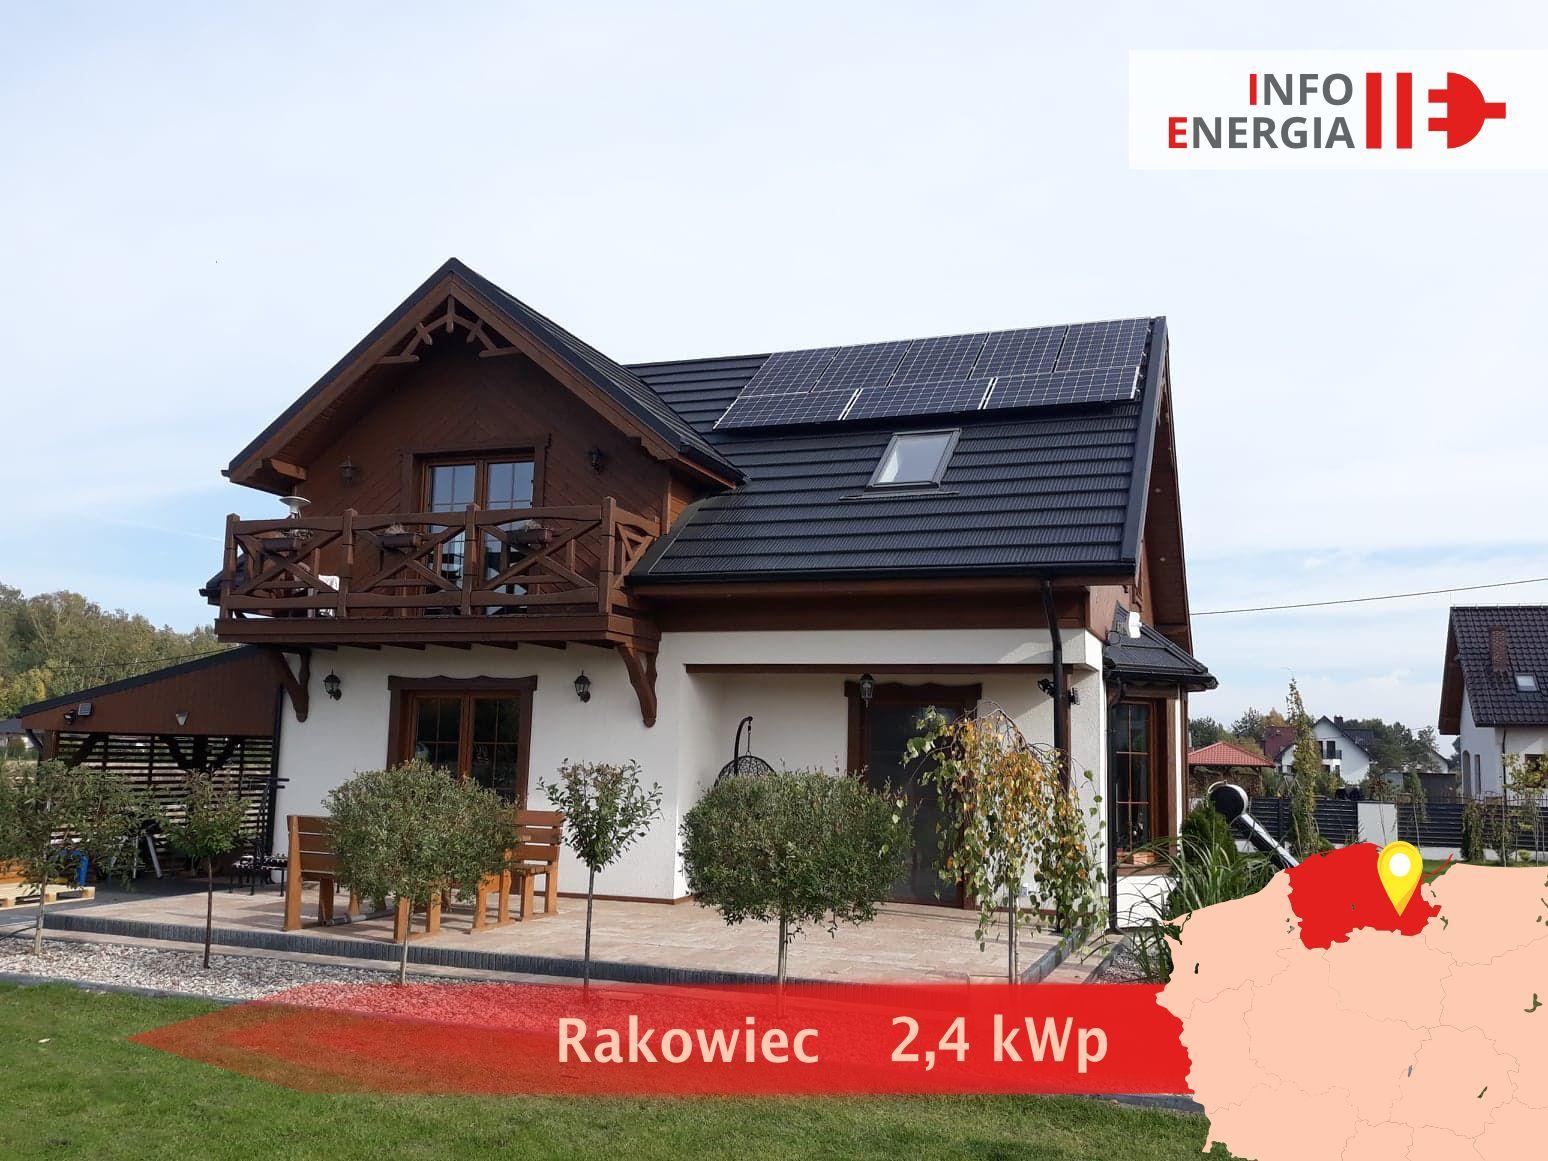 Fotowoltaika Rakowiec, Kwidzyn. Instalacje fotowoltaiczne Kwidzyn. Pompy ciepła Kwidzyn. Dofinansowanie 2021